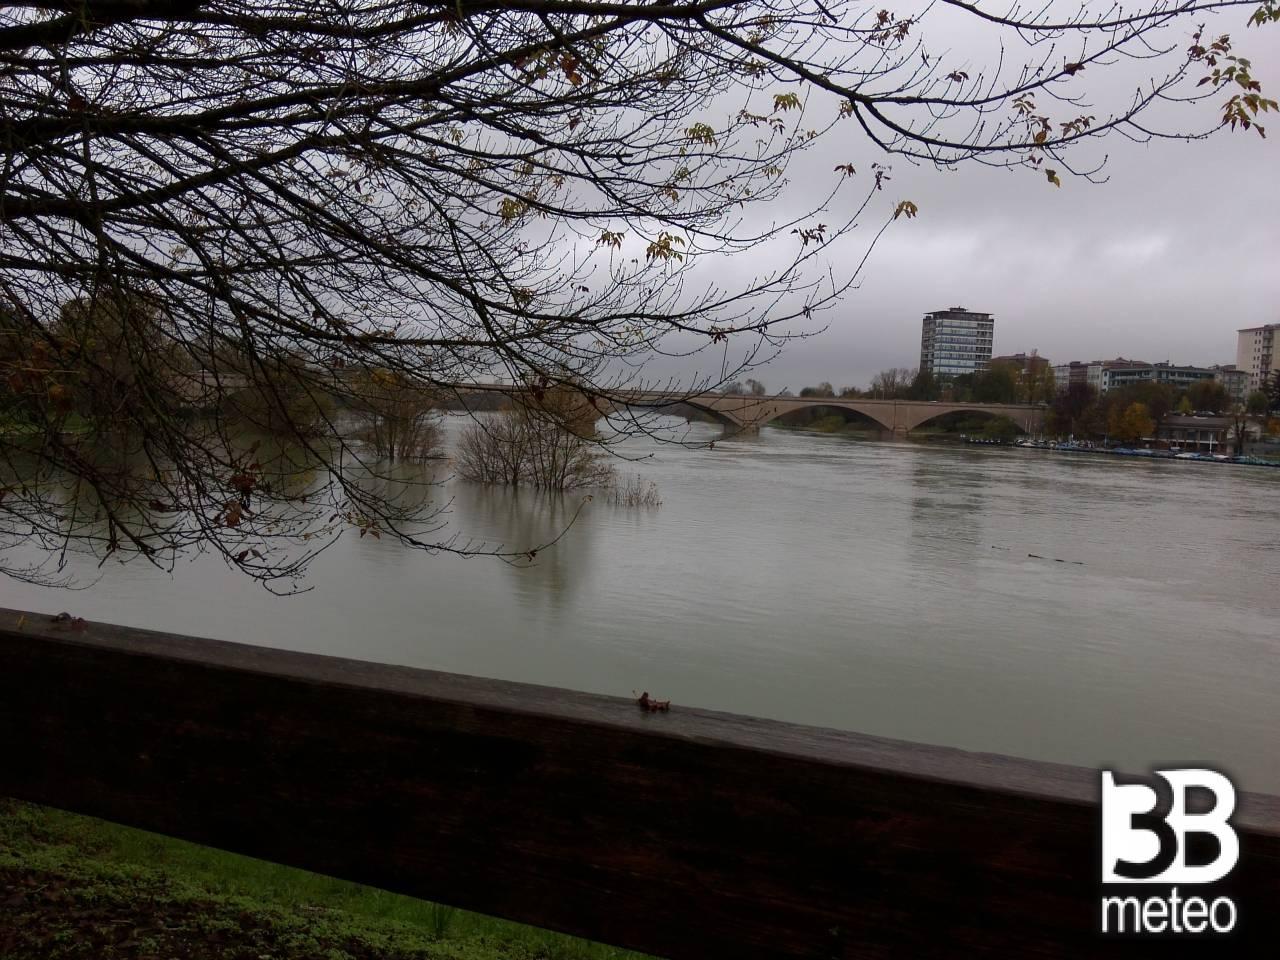 Meteo Pavia: piogge fino a lunedì, qualche possibile rovescio ...